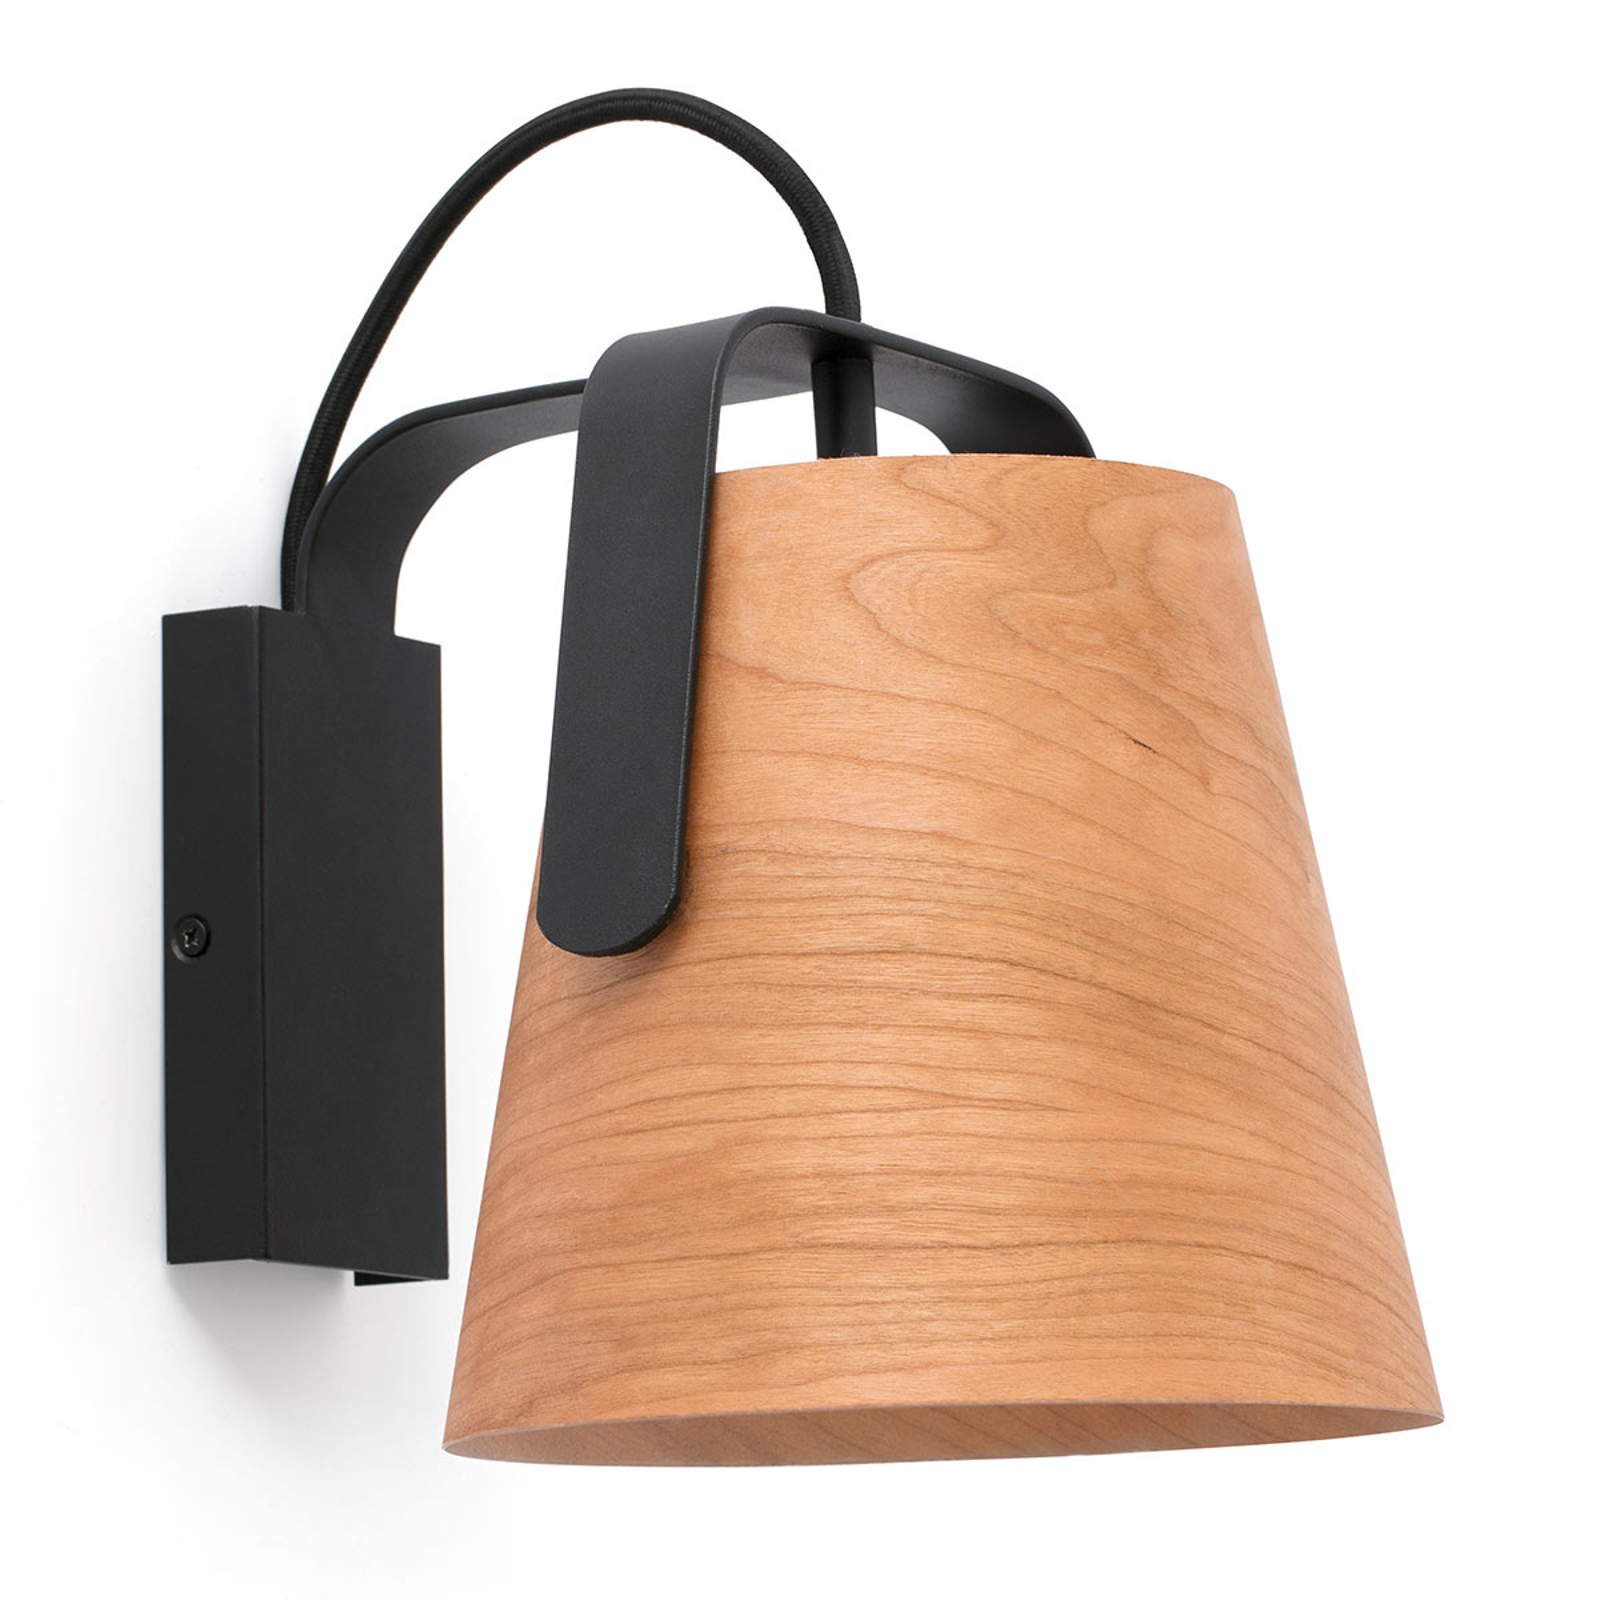 Vägglampa Stood med skärm av körsbärsträ